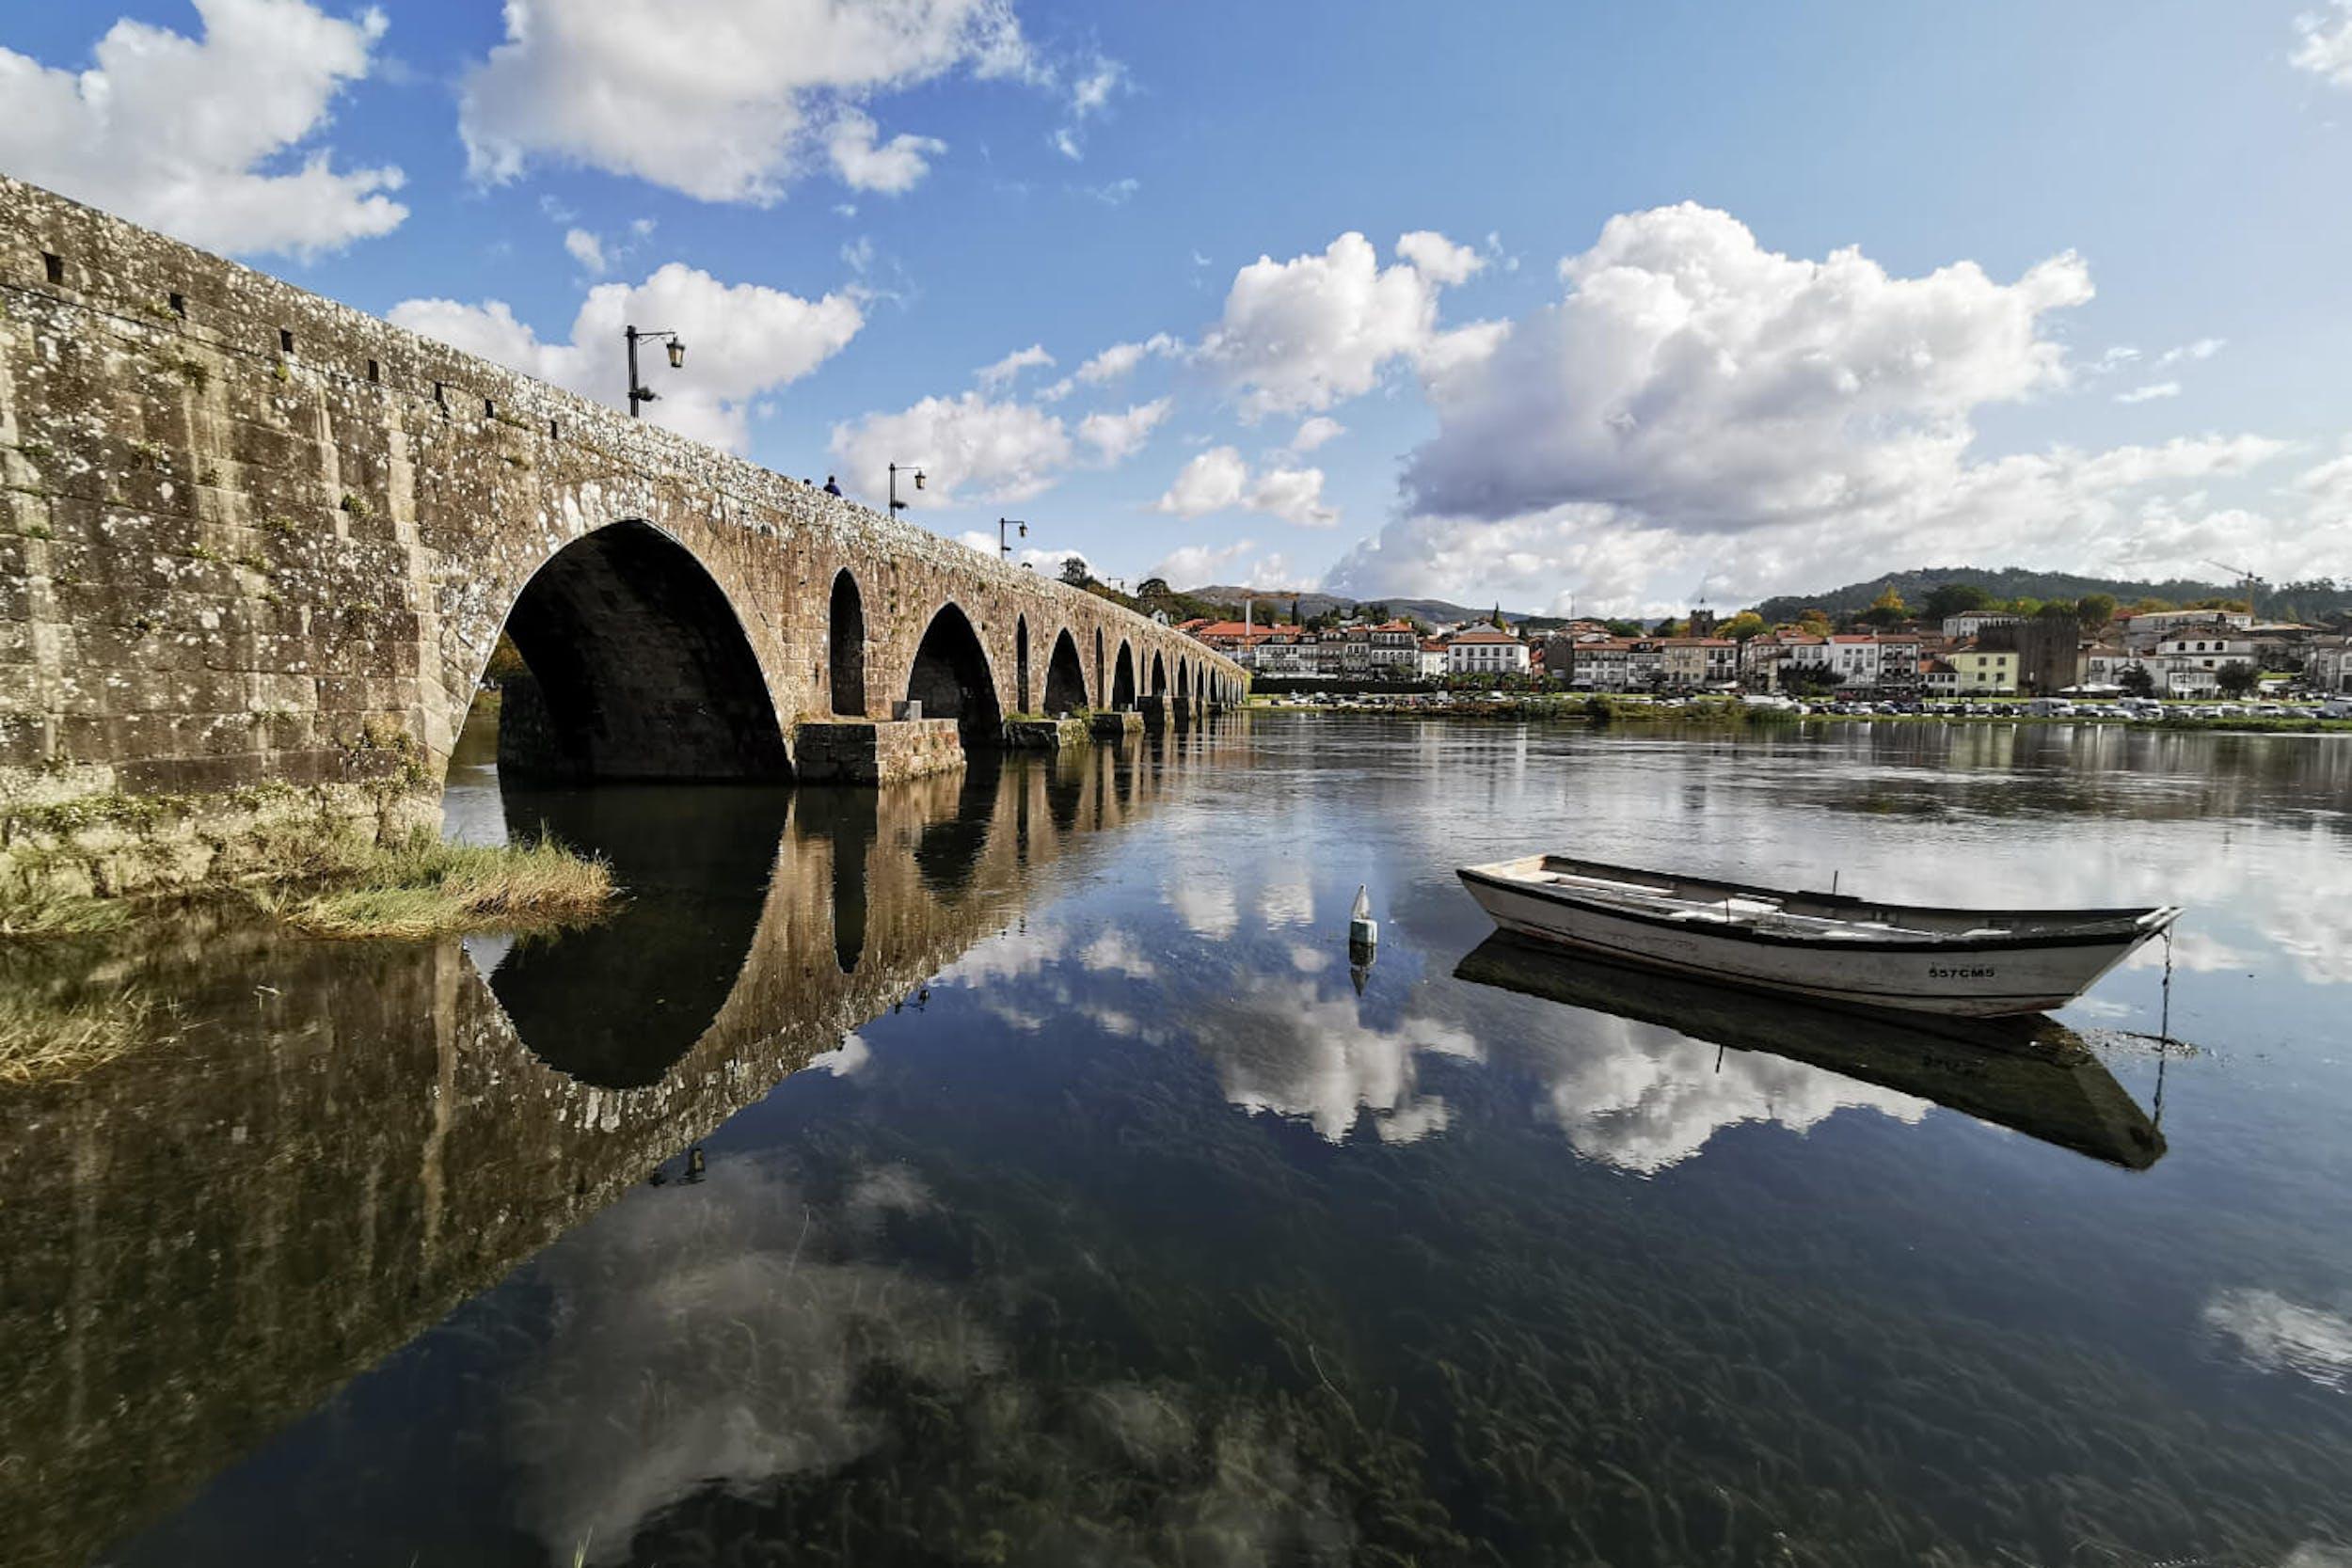 Vista de un puente antiguo cruzando un río en el norte de Portugal.